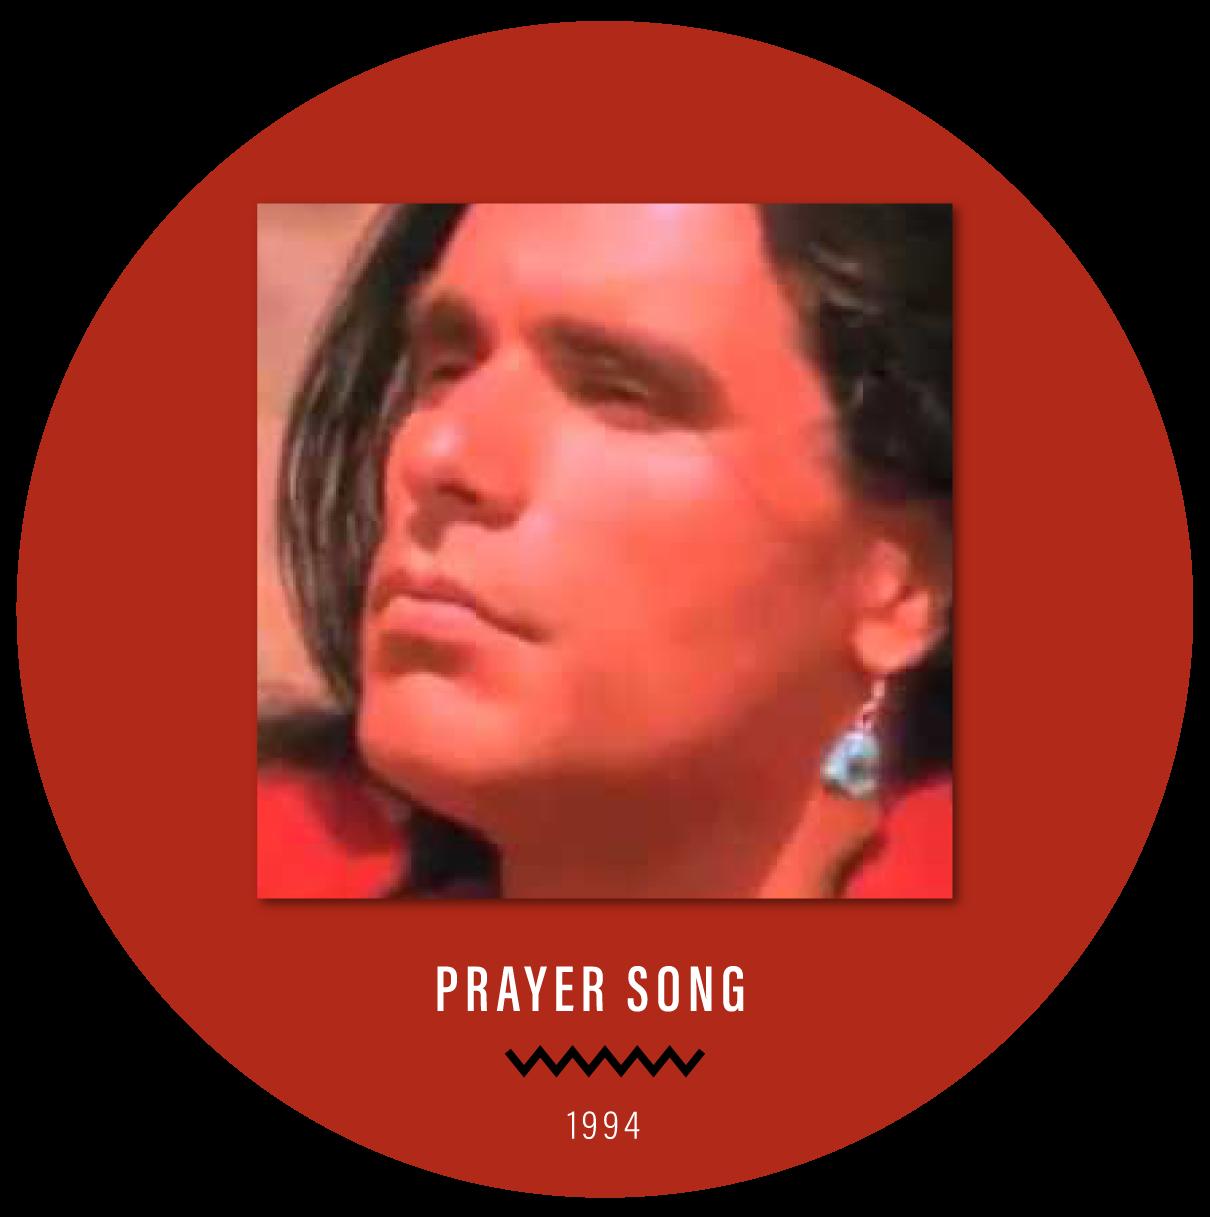 FILM-CARD-PRAYER-SONG-circle.png